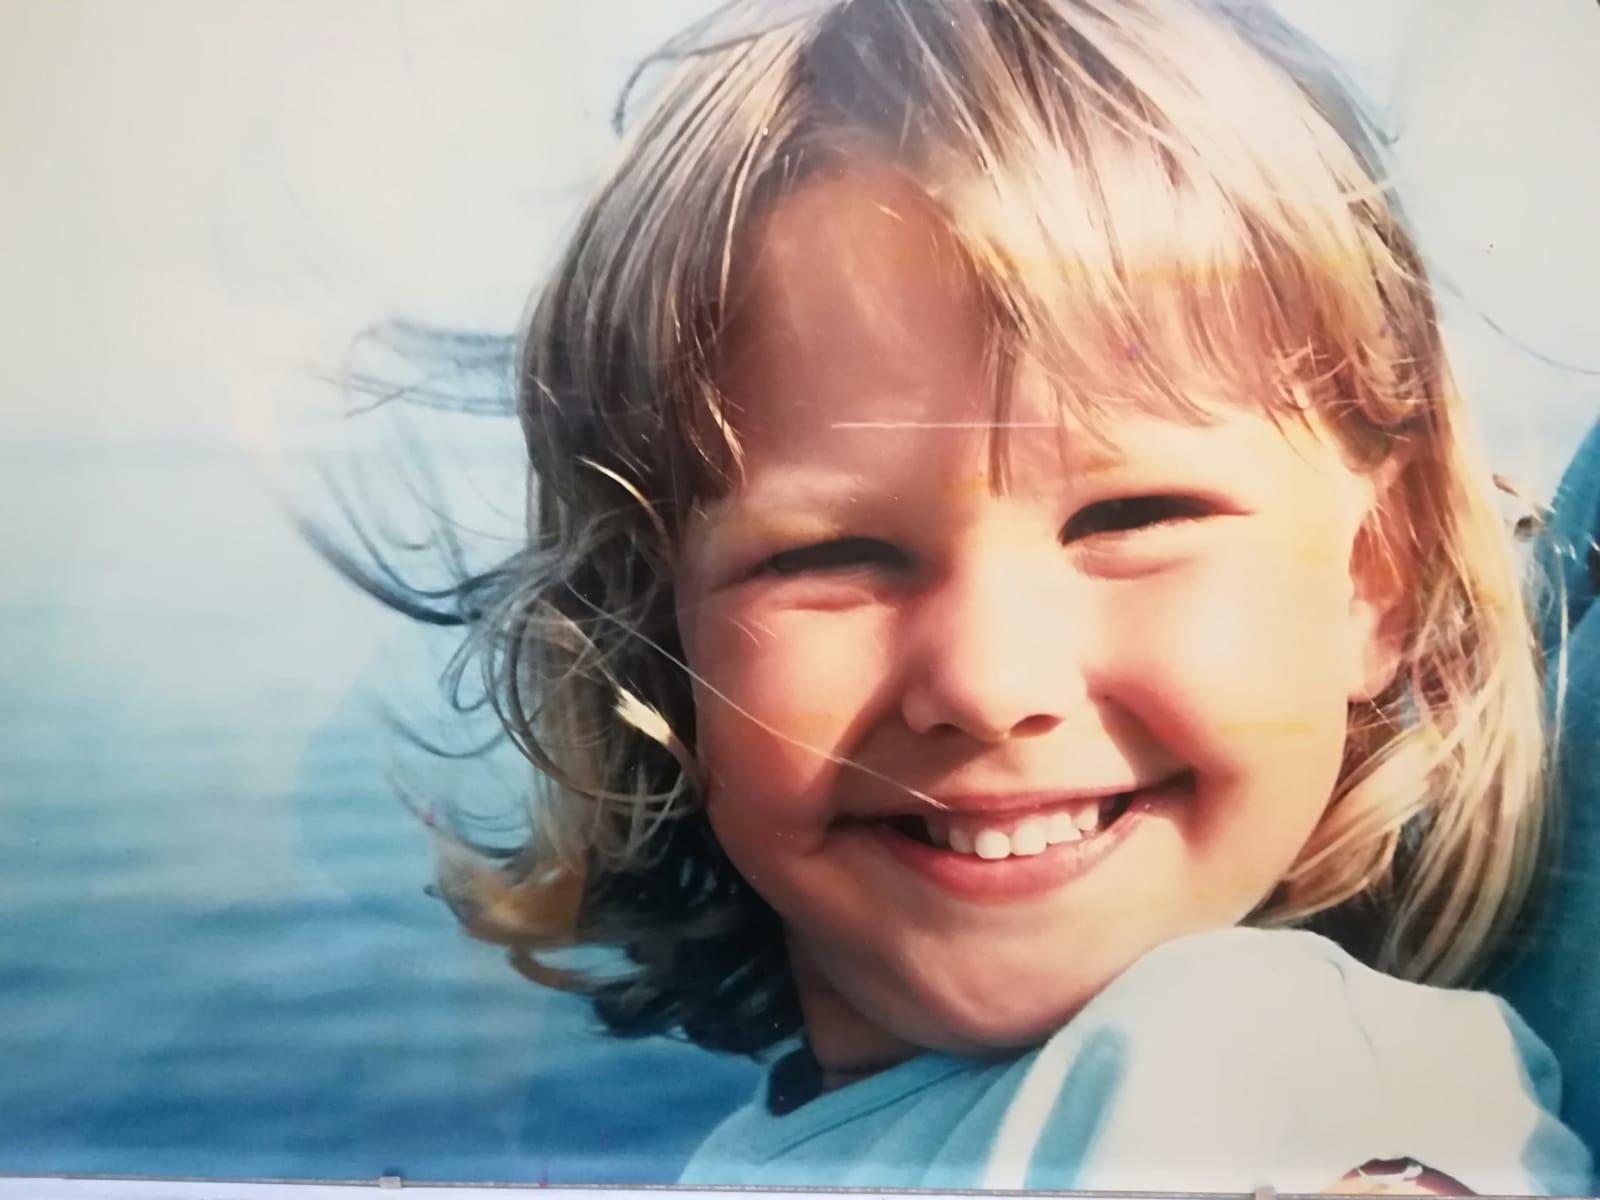 Barbara als lächelndes Kleinkind auf einem Boot